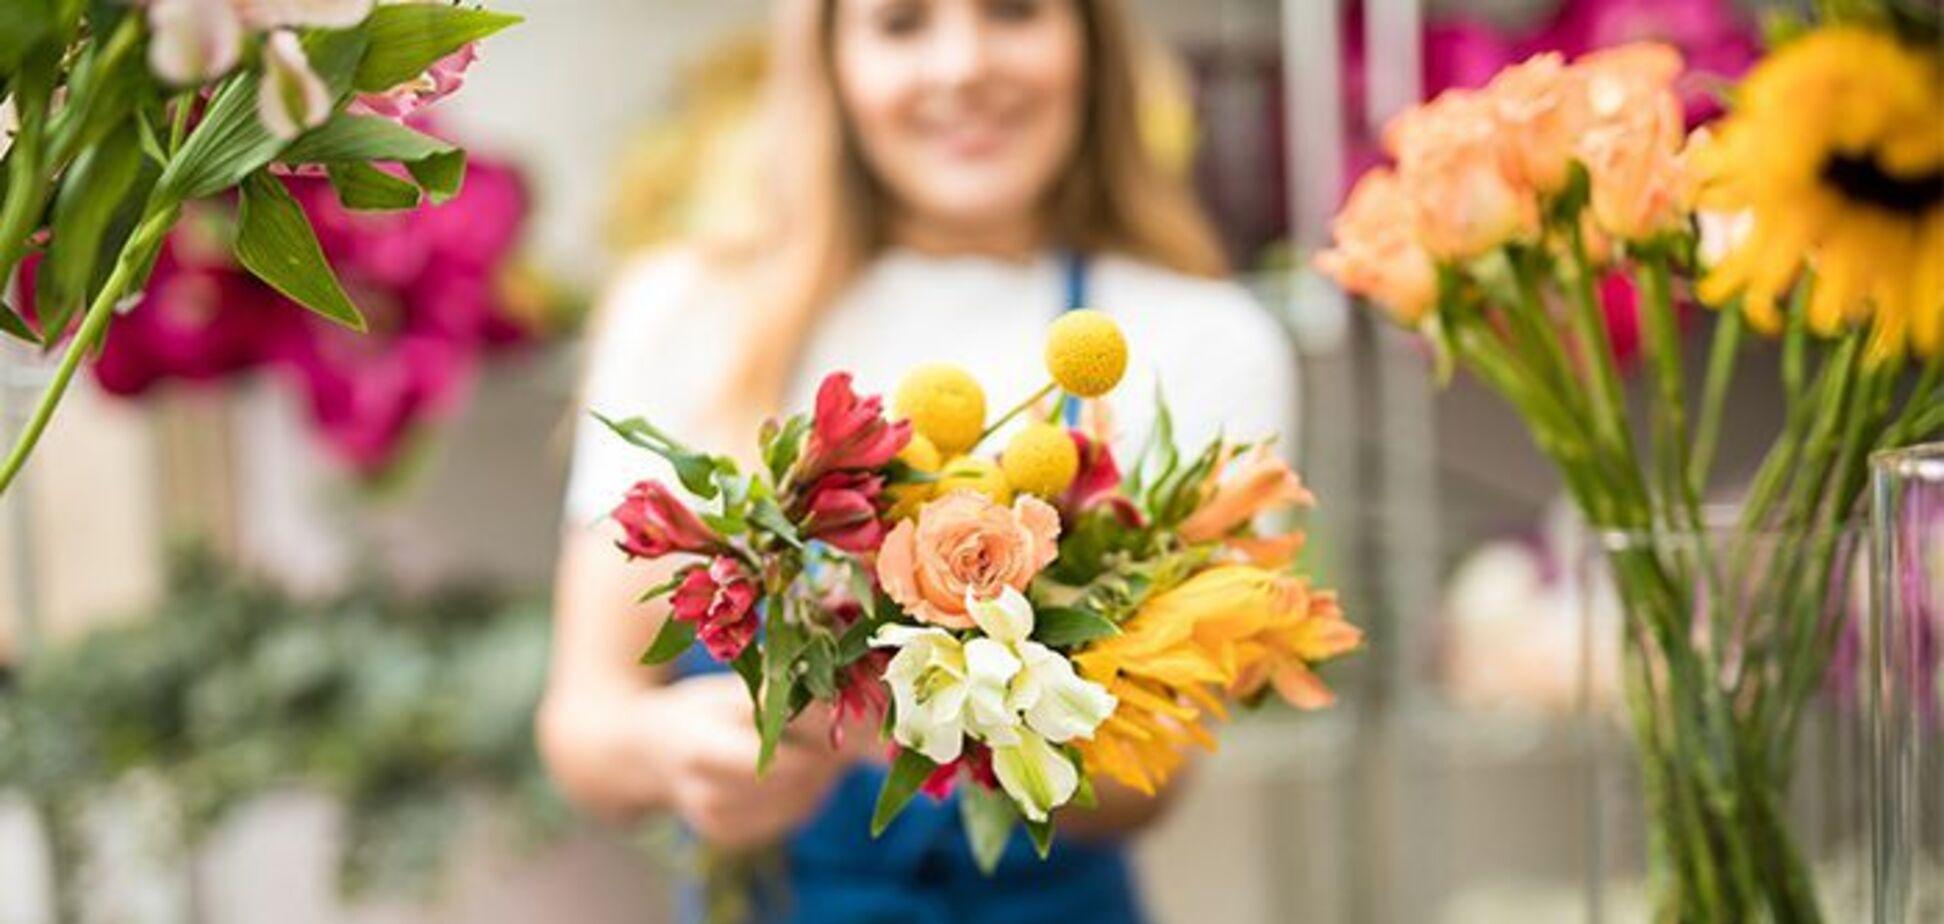 Flowers.ua поможет быстро заказать доставку цветов